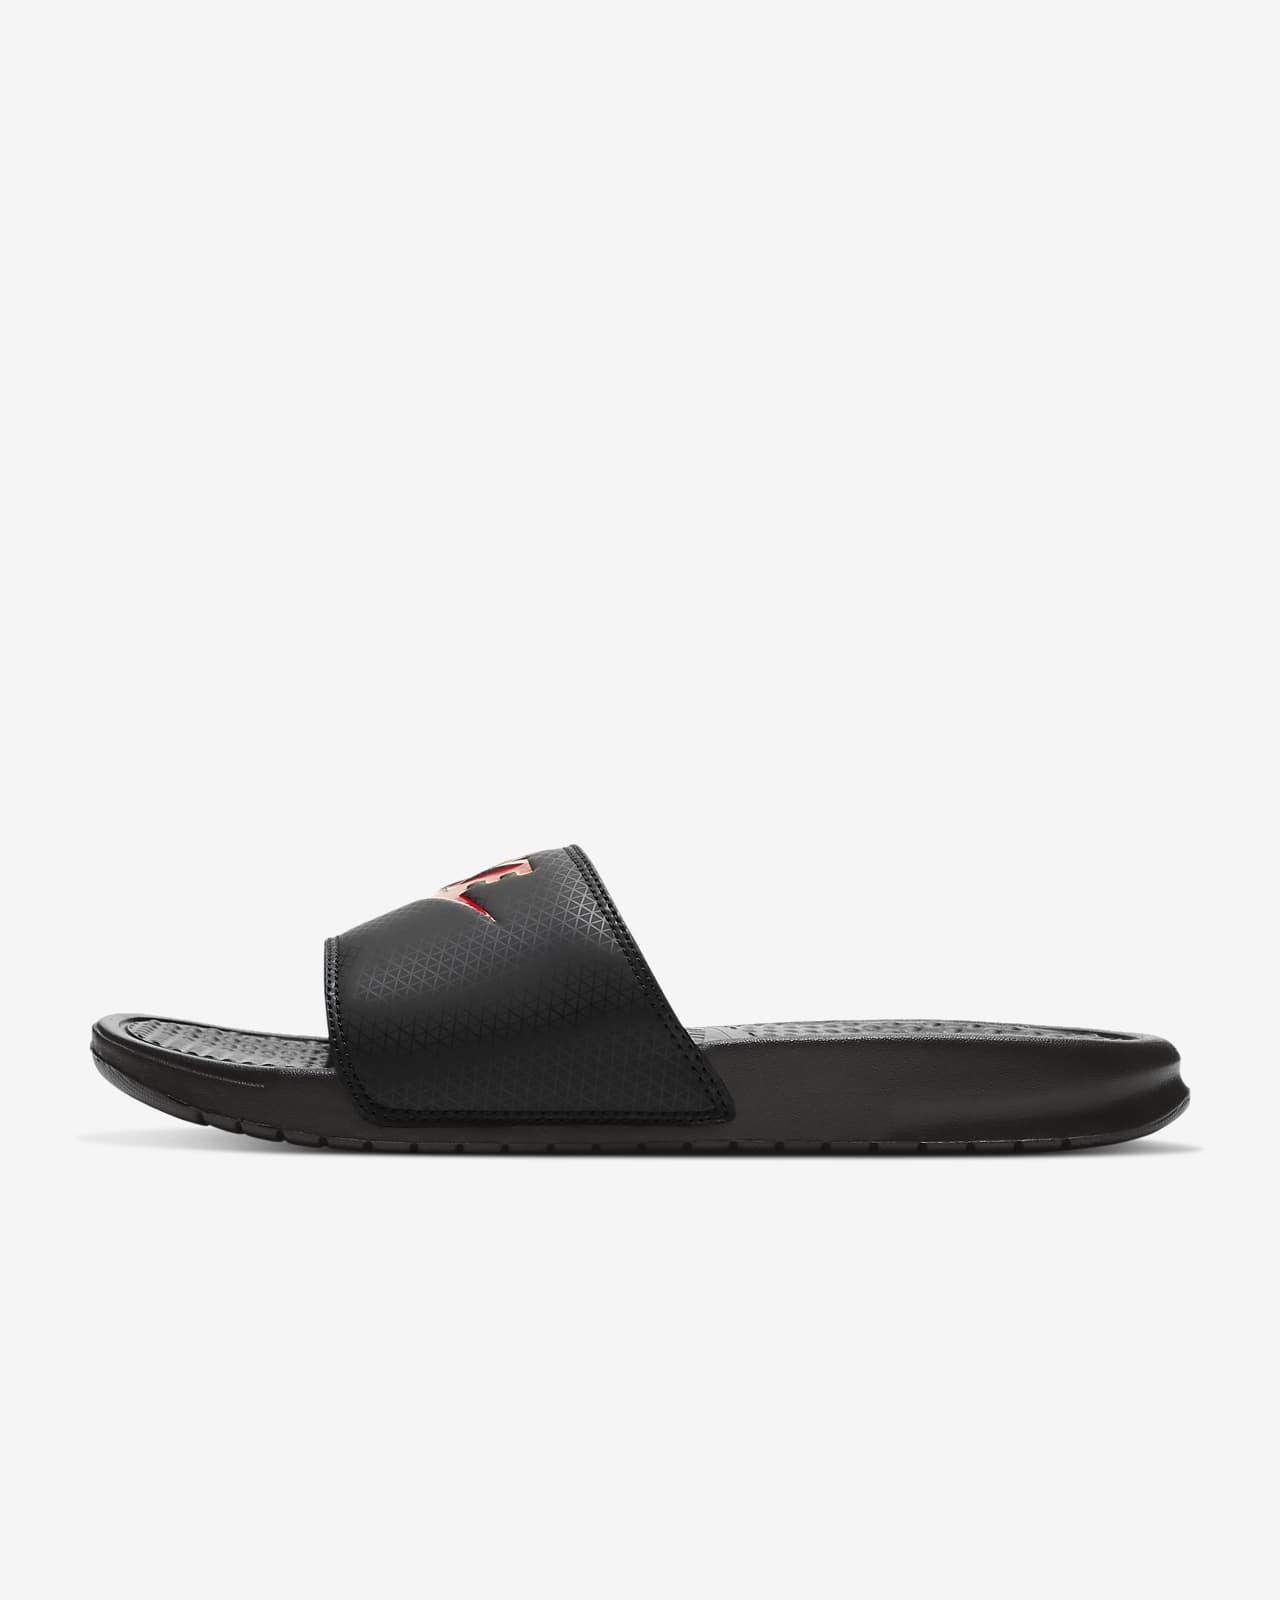 Nike Benassi JDI Erkek Terliği